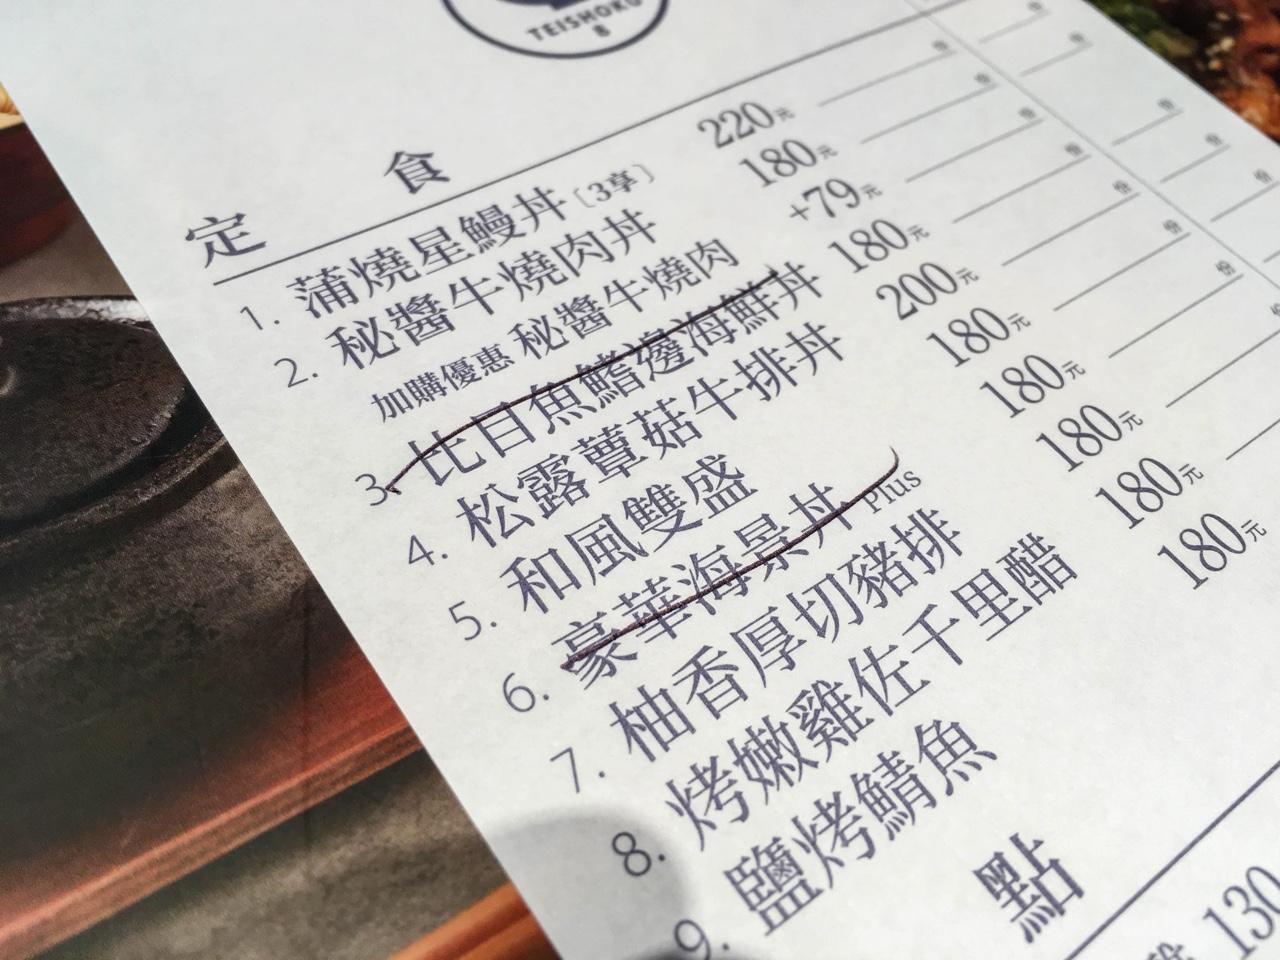 鮮魚類メニューが省かれたレストランのメニュー